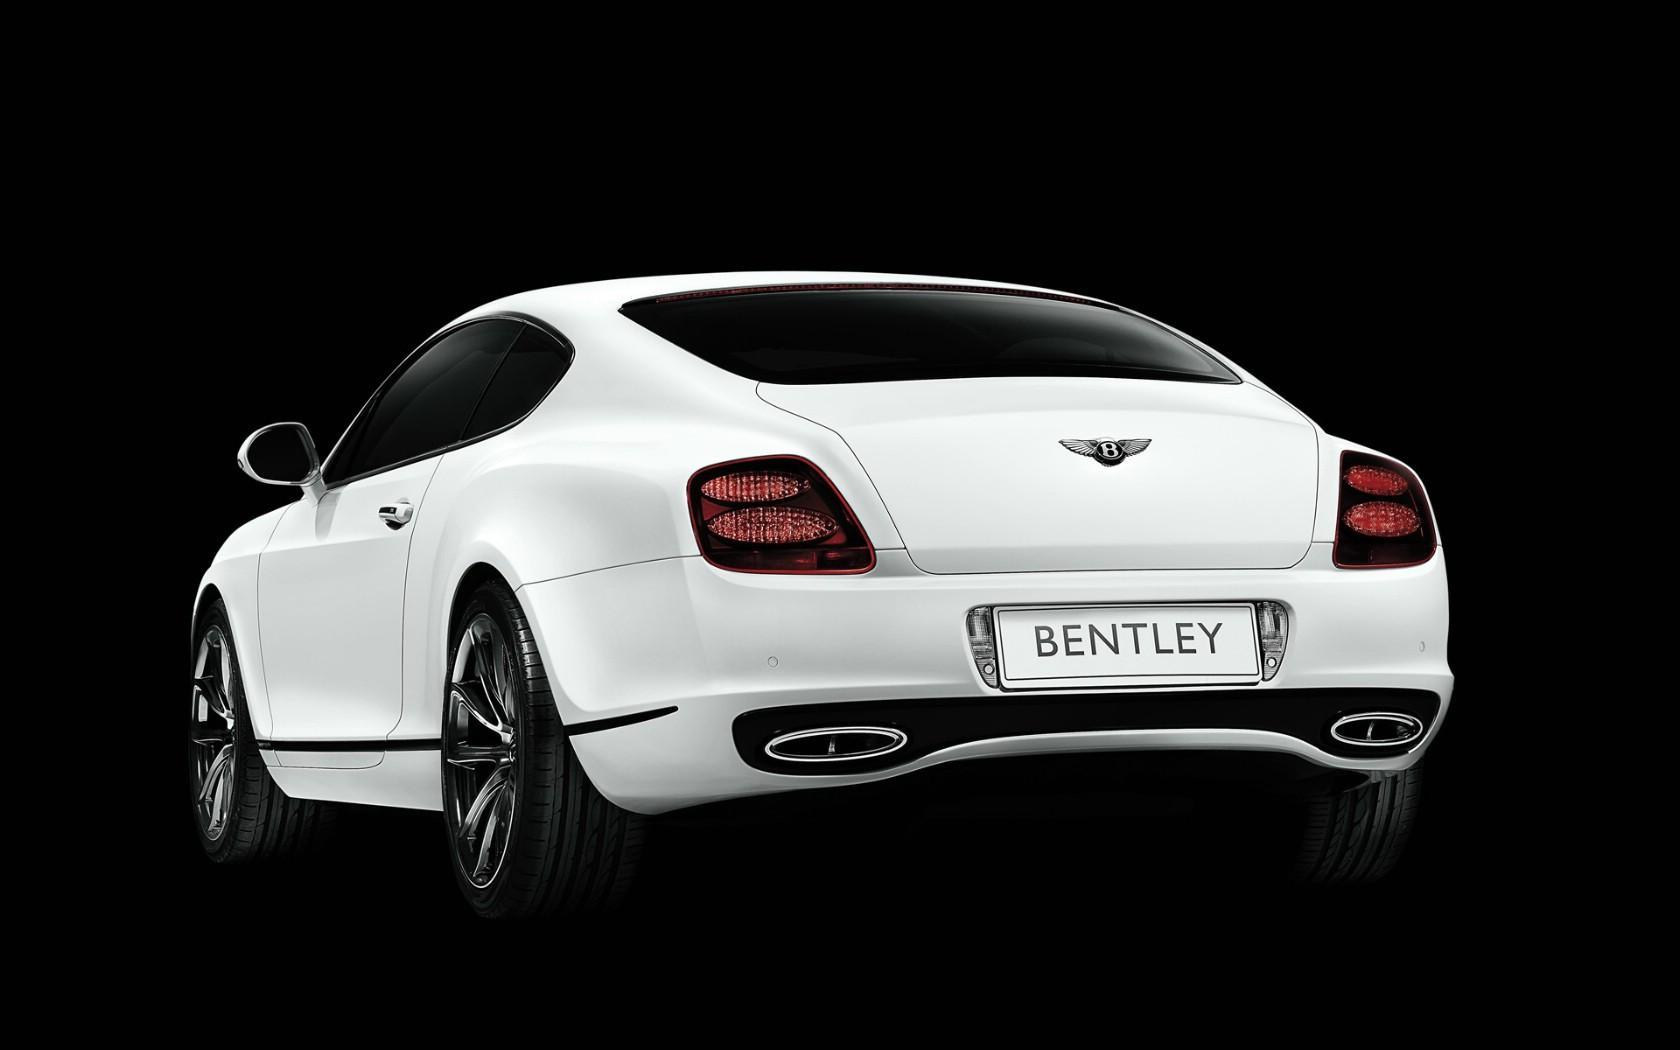 壁纸1680 215 1050bentley宾利 1 1壁纸 汽车品牌 Bentley宾利 第一辑壁纸图片 汽车壁纸 汽车图片素材 桌面壁纸